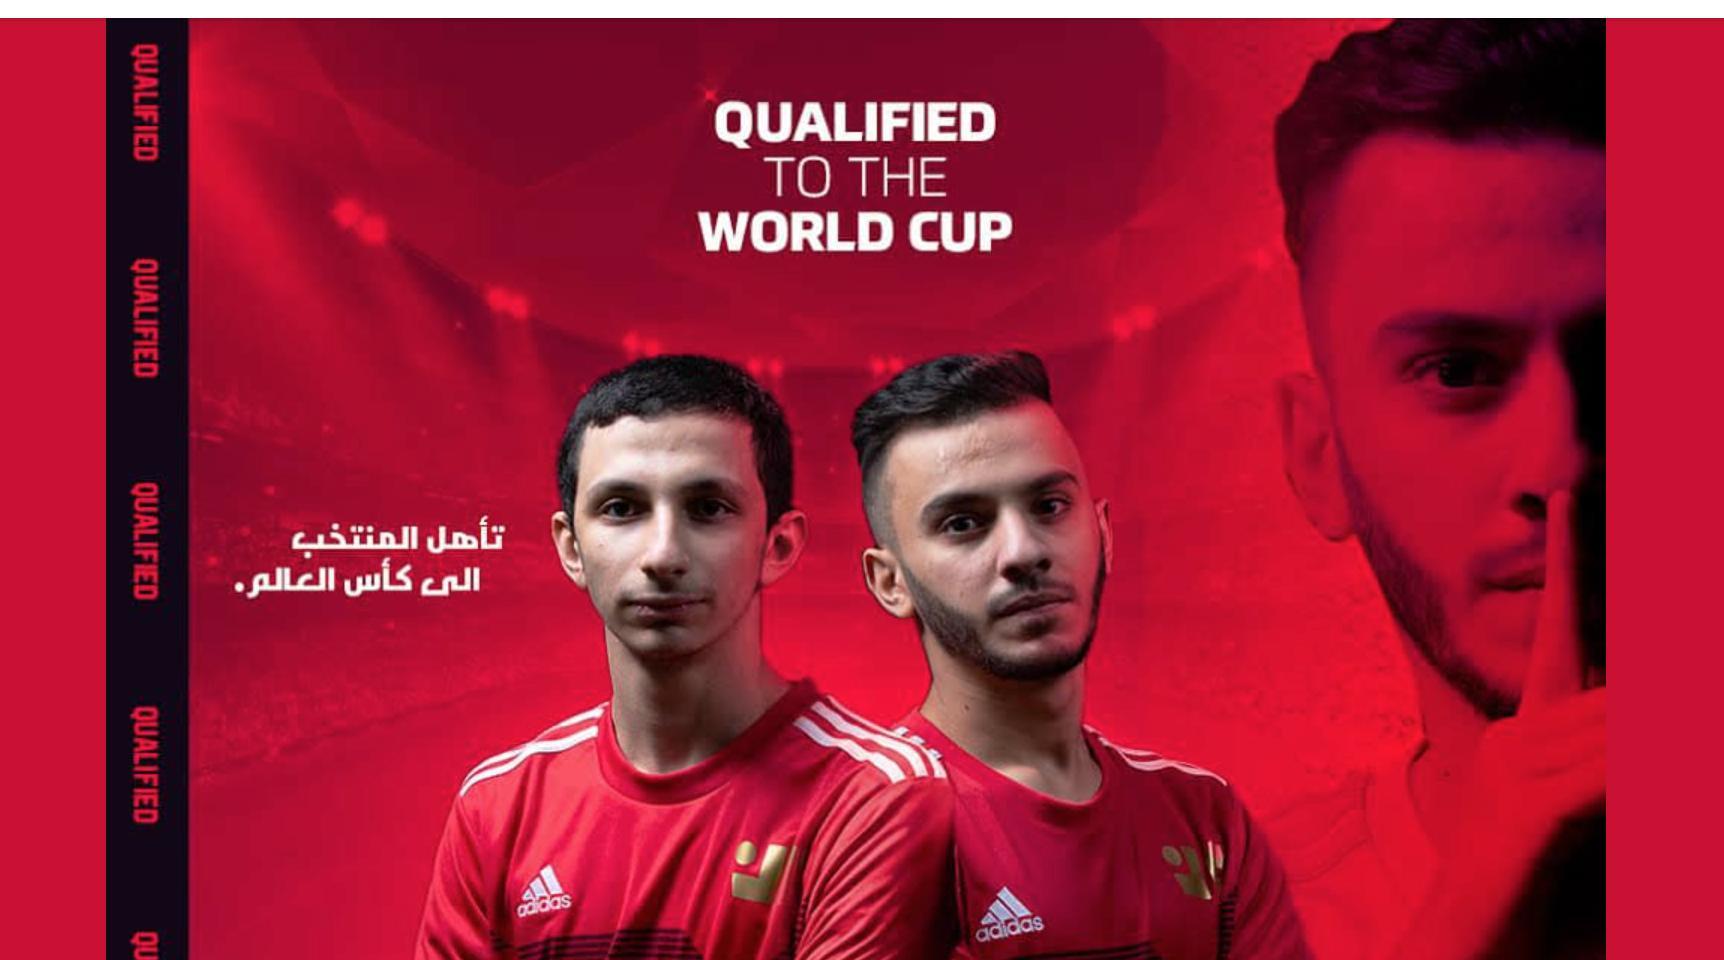 المنتخب الوطني يتأهّل لمونديال الرياضات الإلكترونية 4